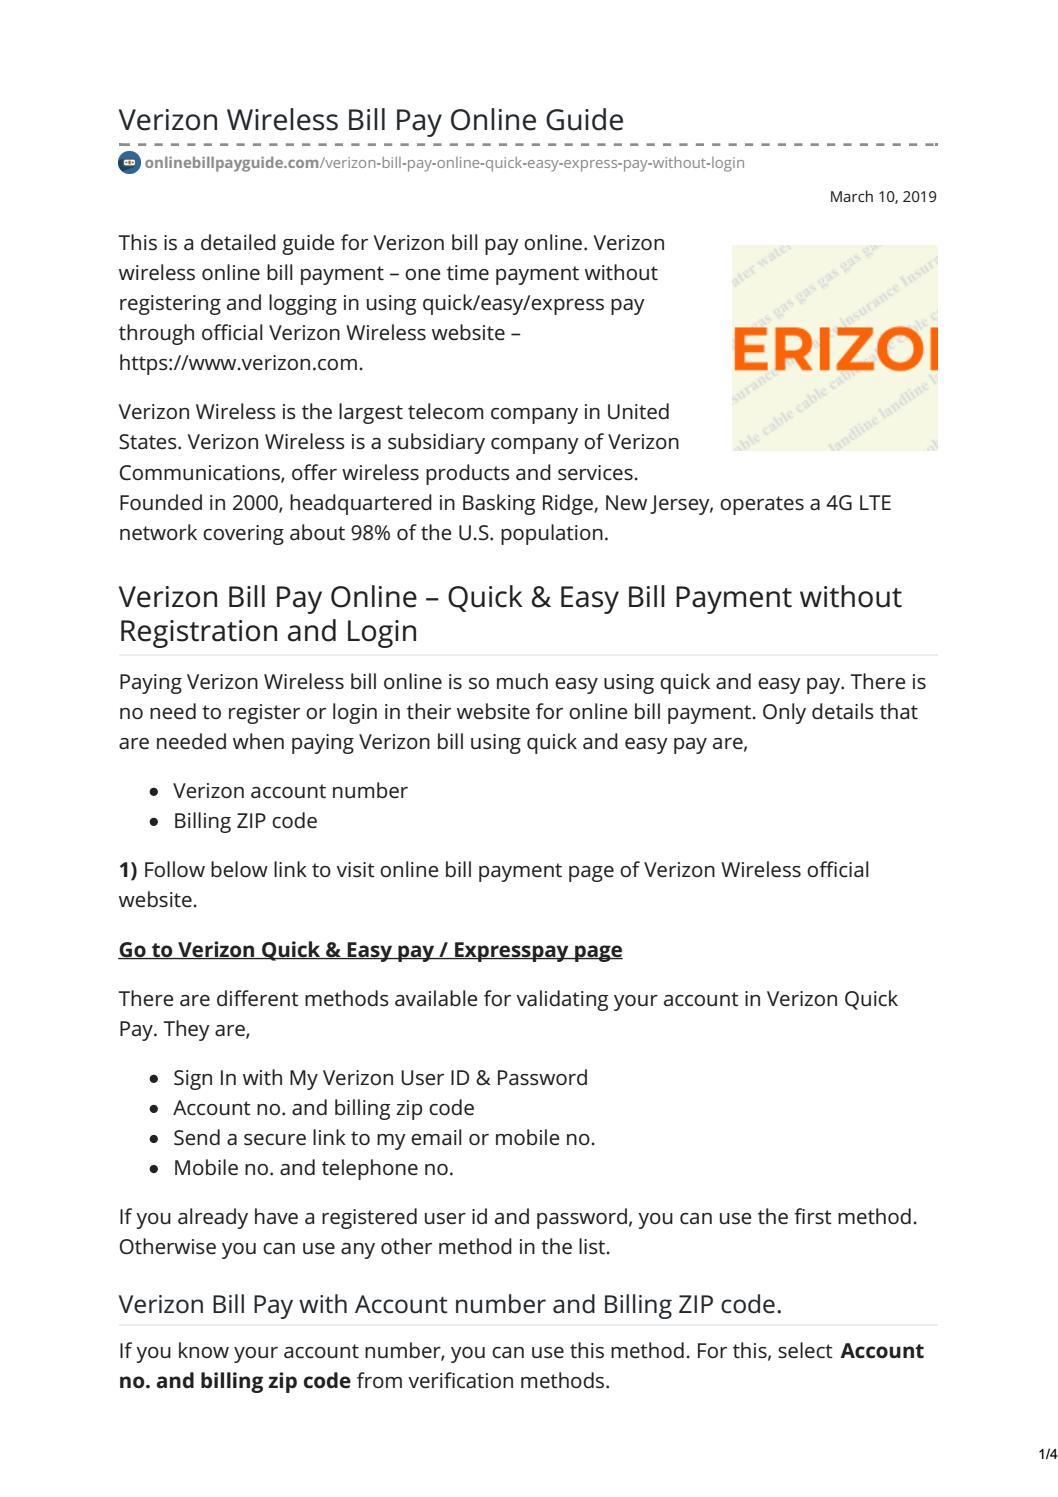 https://www onlinebillpayguide com/verizon-bill-pay-online